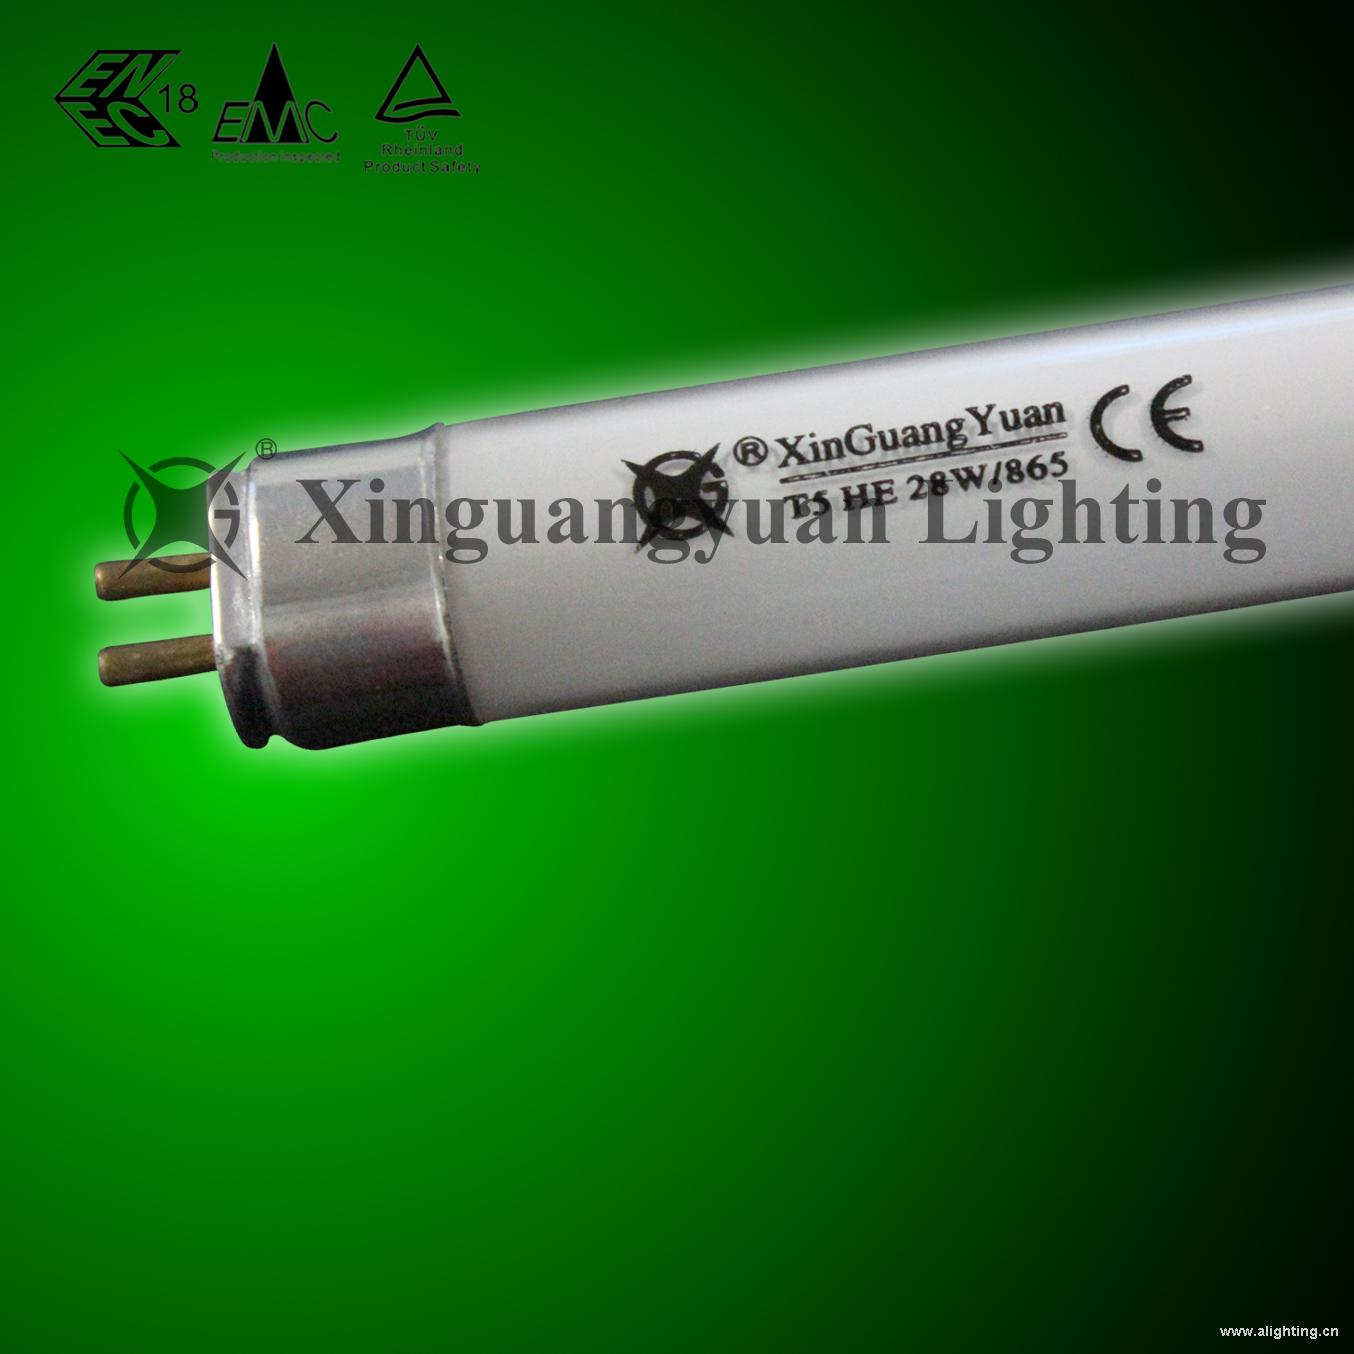 新光源 T5三基色高效节能荧光灯管